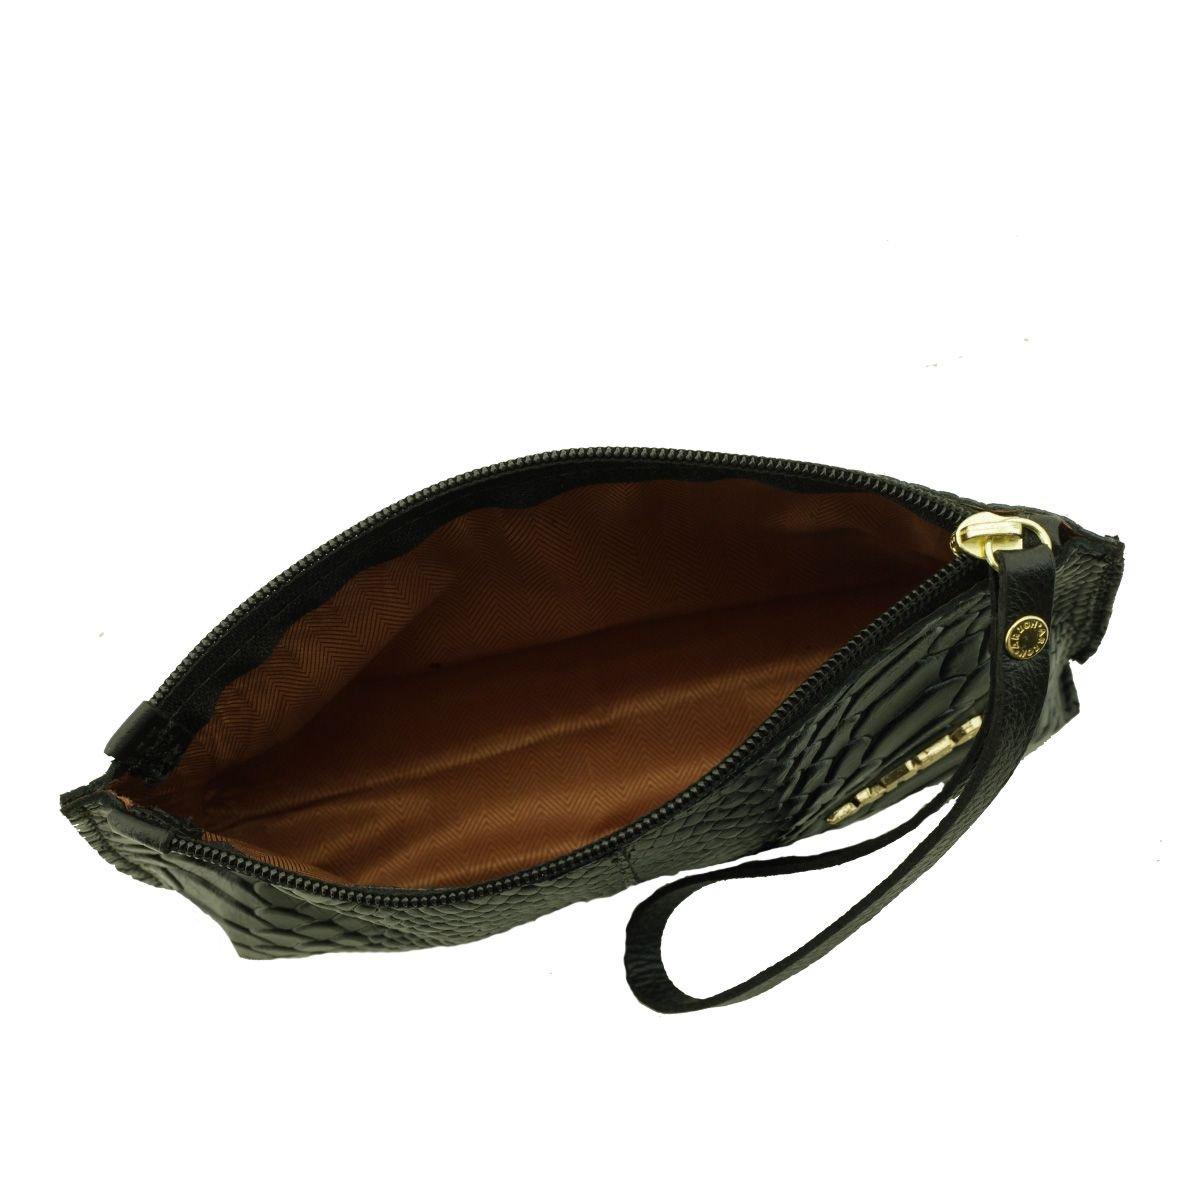 Bolsa de mão ou Necessaire com alça Preta